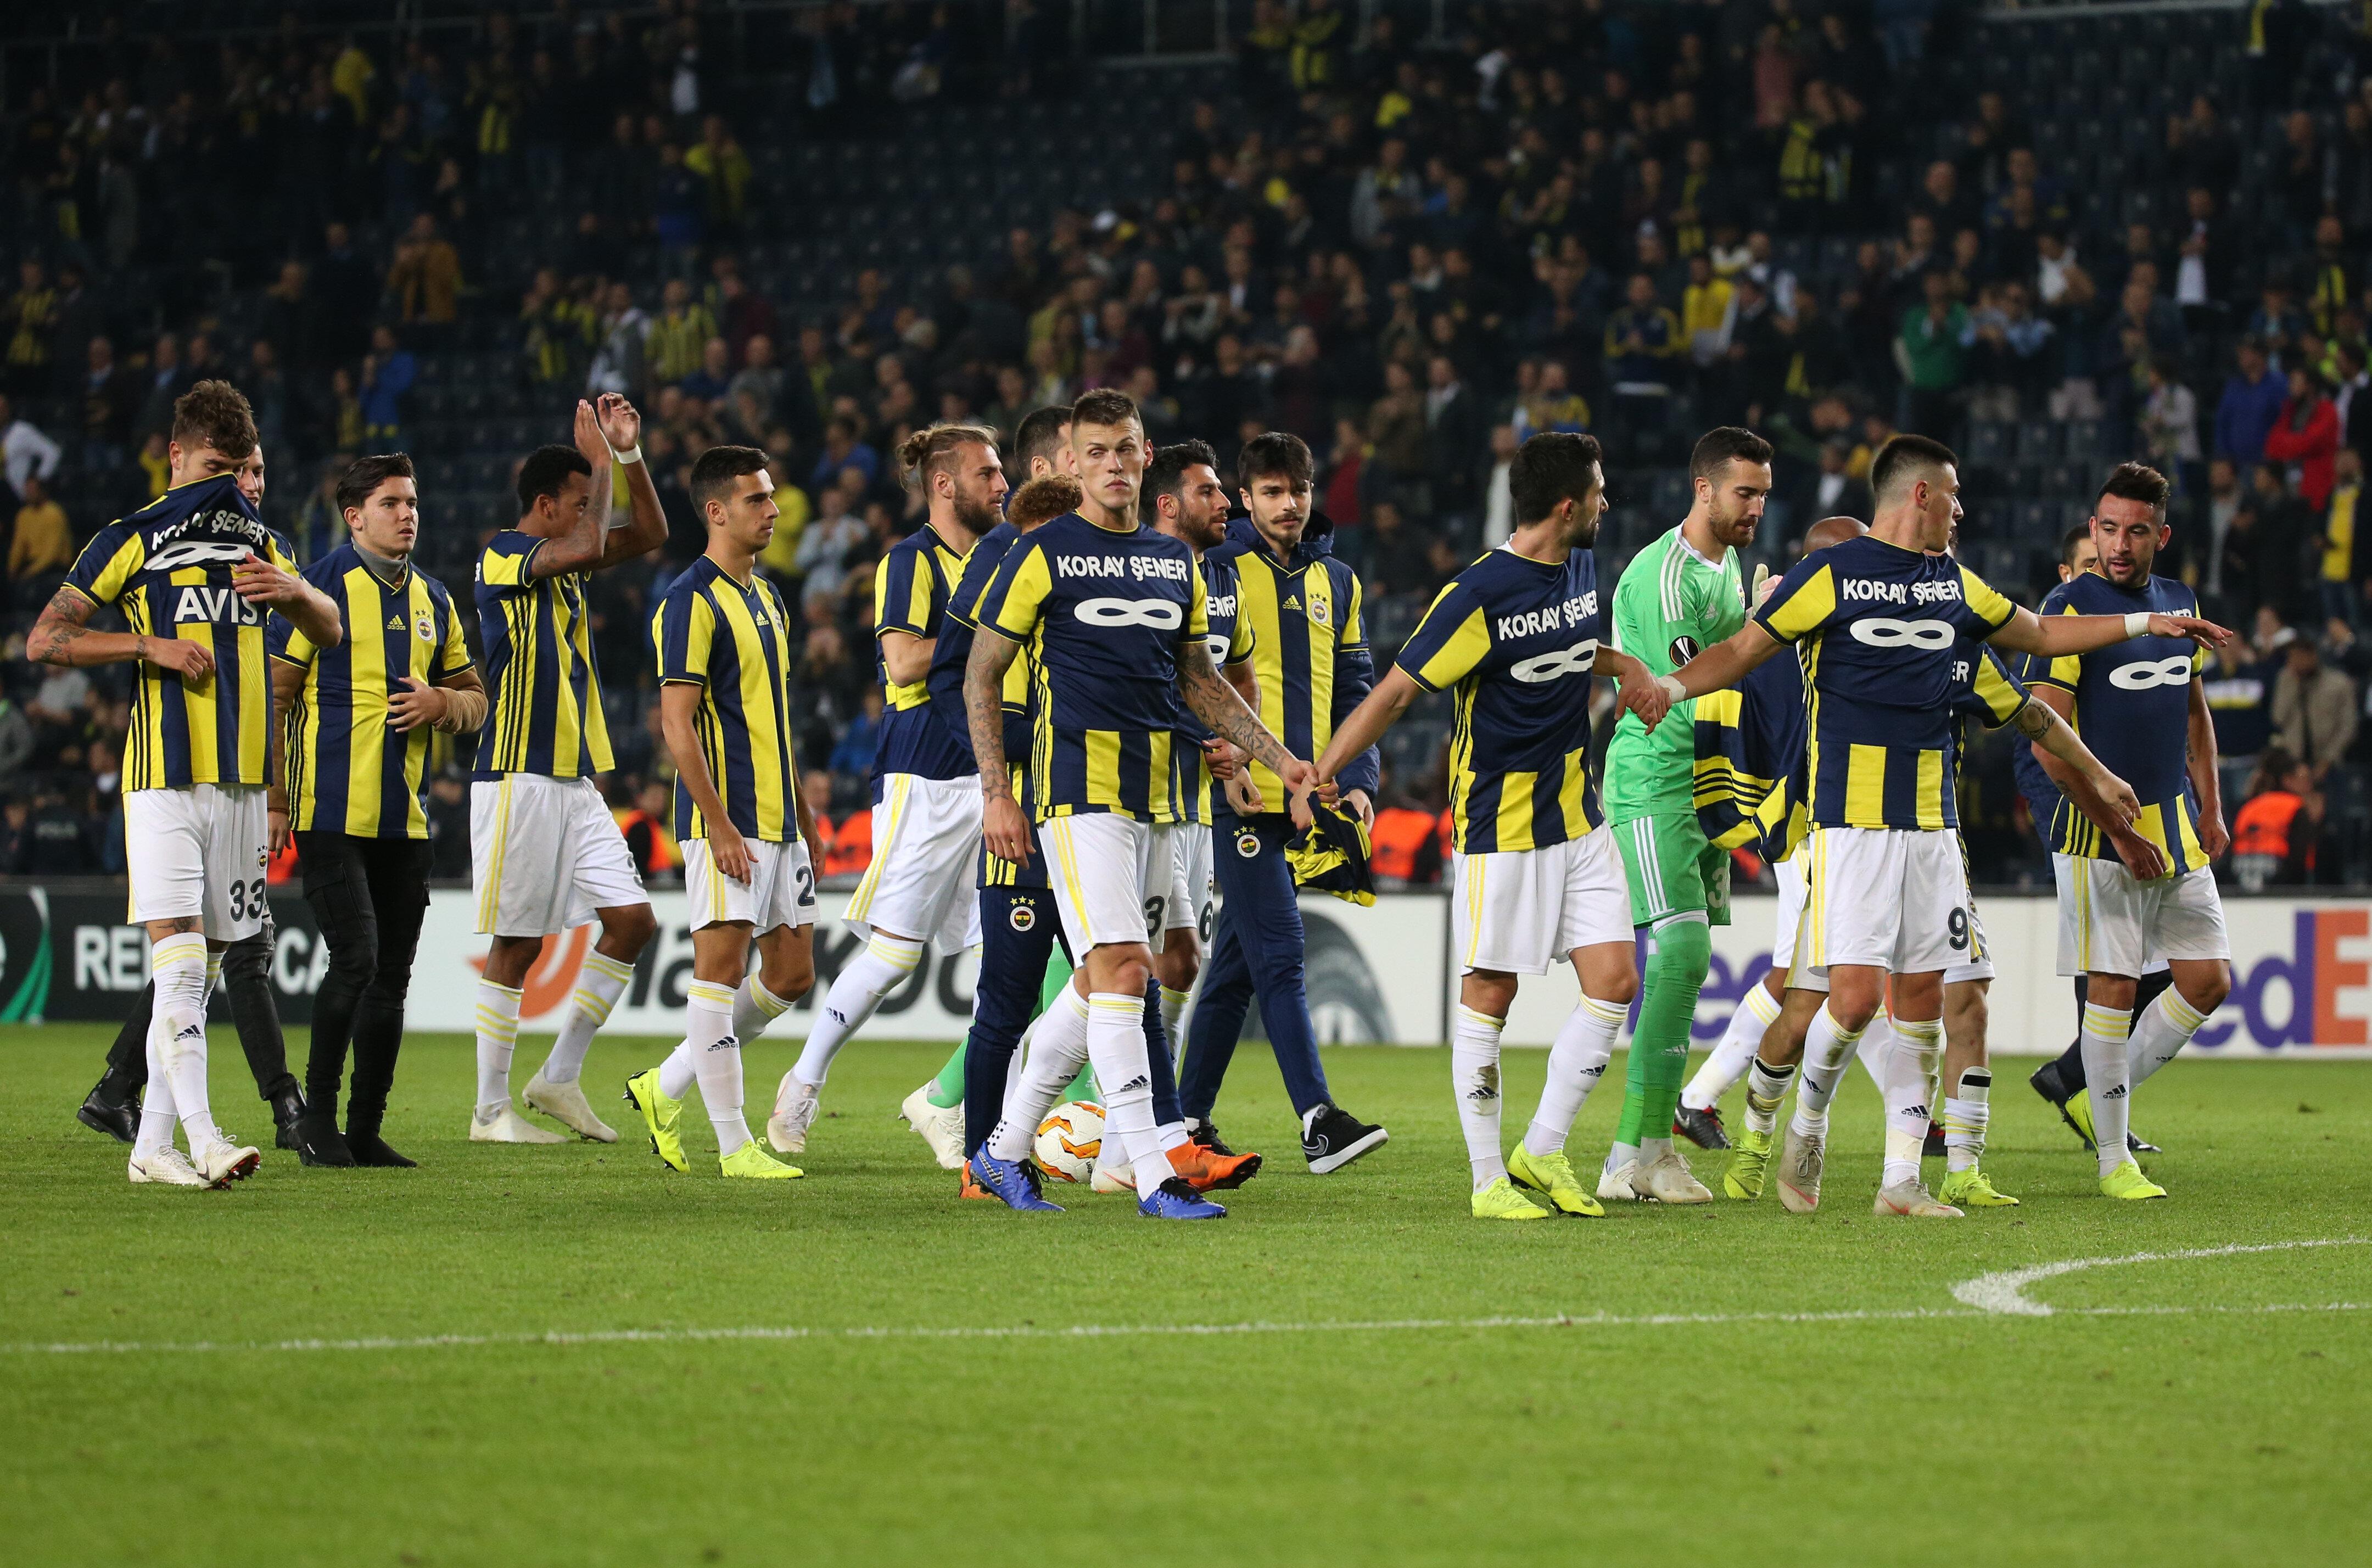 Fenerbahçeli futbolcular maç sonunda Koray Şener'e özel hazırlanan formalarla tribünlere gitti.